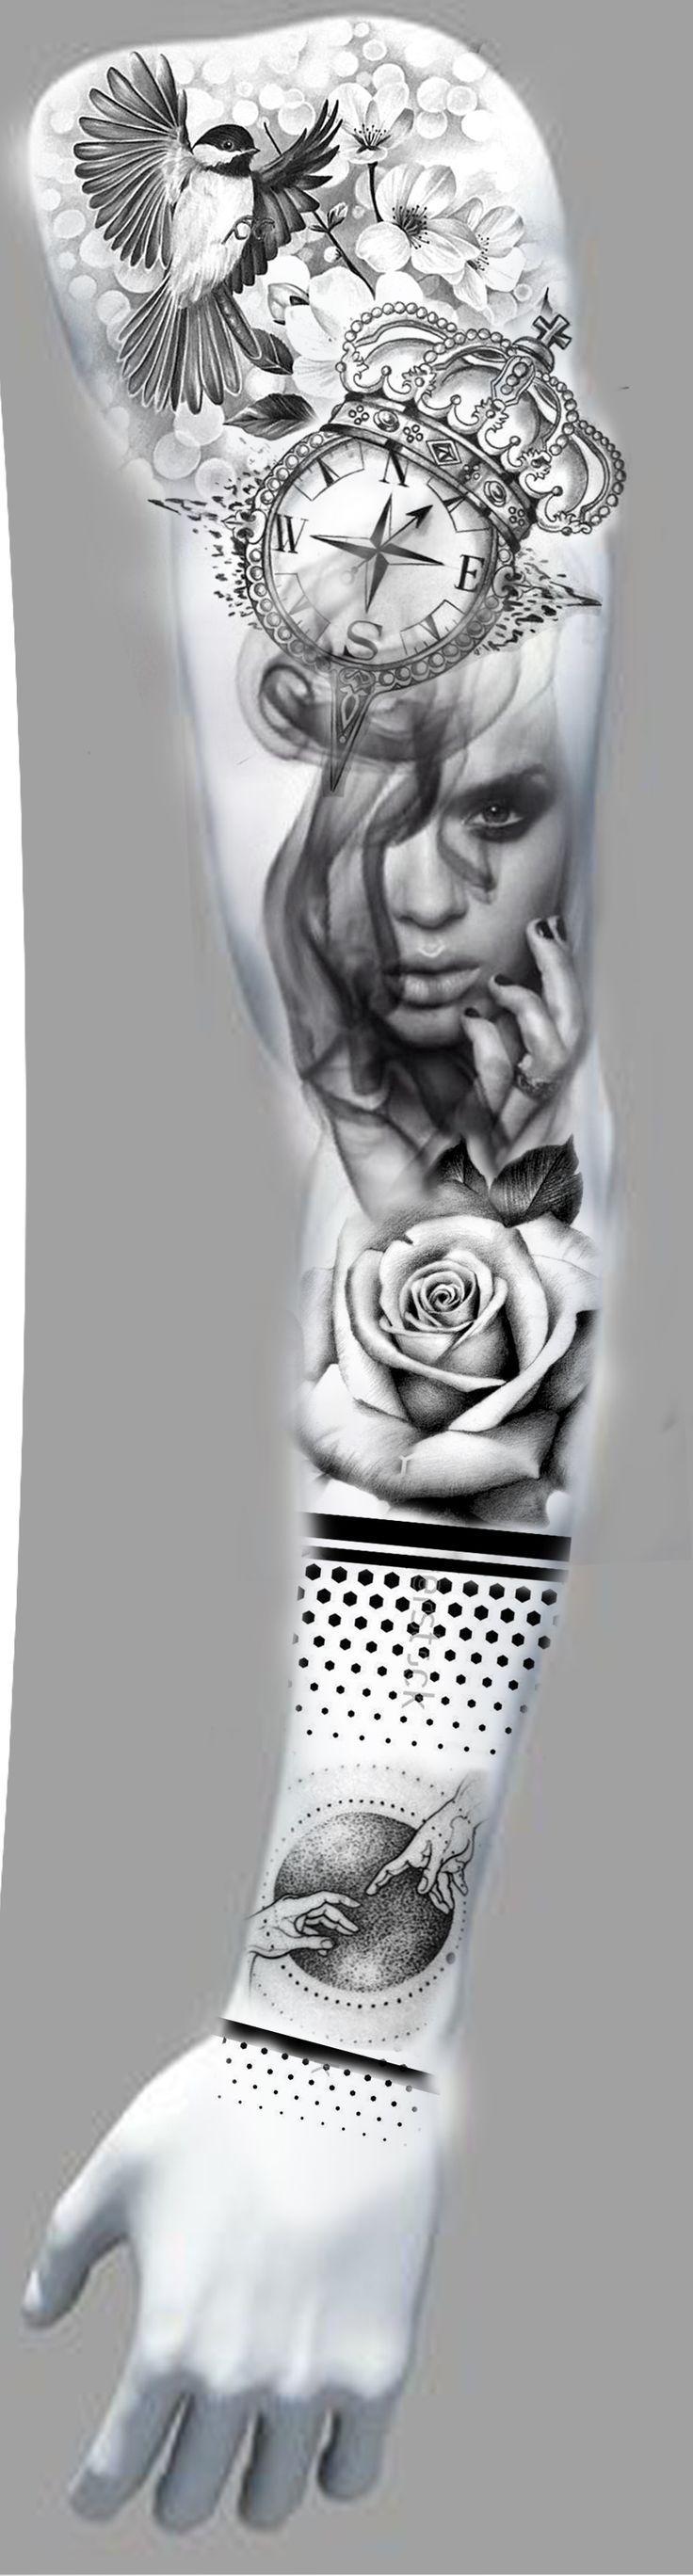 Irgendwie mag mein Arm aussehen! – #Arm #aussehen #corenne #Irgendwie #mag #me